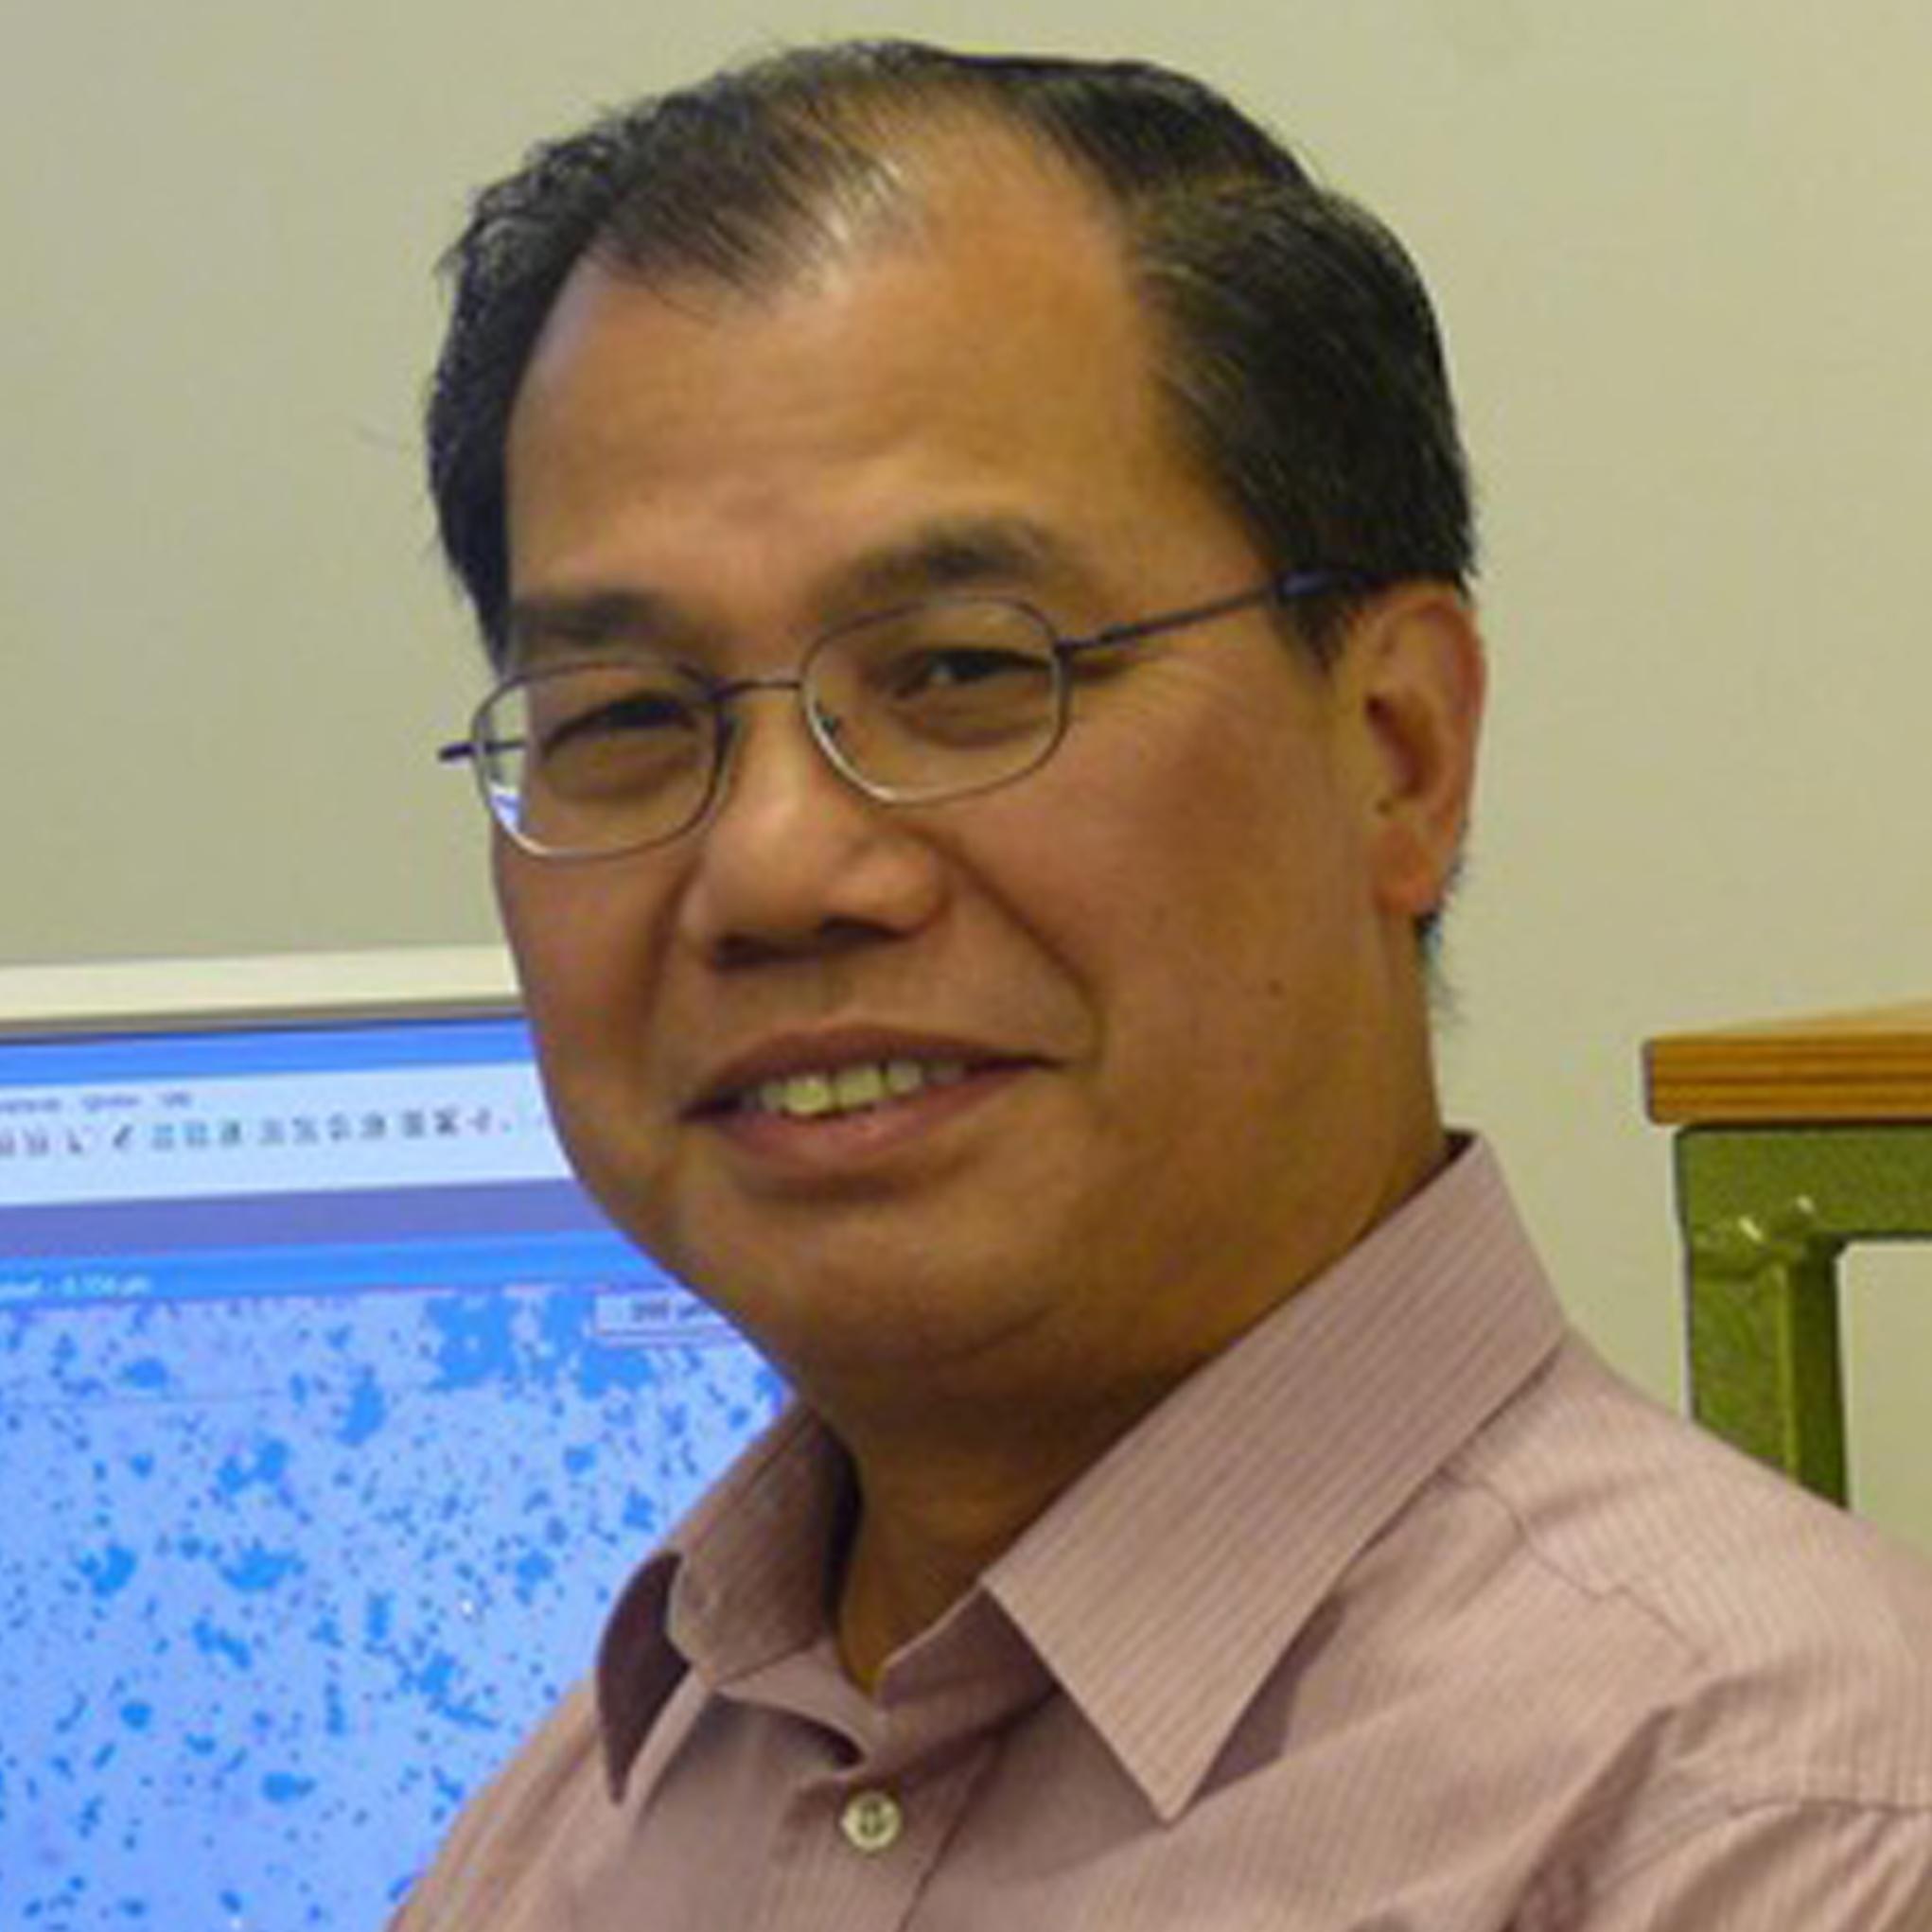 Professor Yiu-Wing Mai